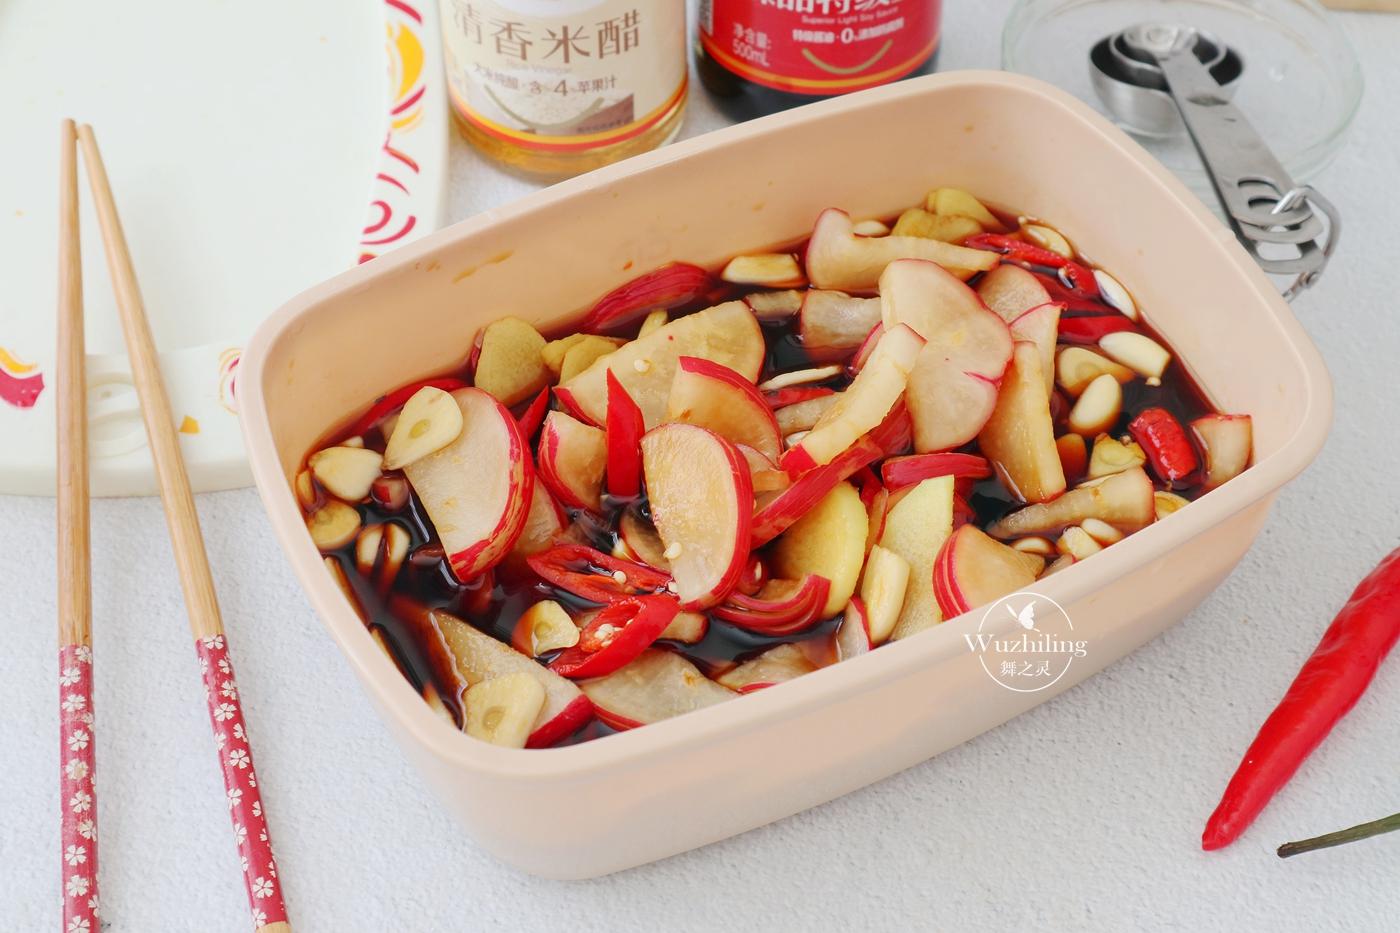 「红油的做法与配方」80岁奶奶秘制配方腌萝卜,照着做,隔天就能吃,脆爽真开胃!